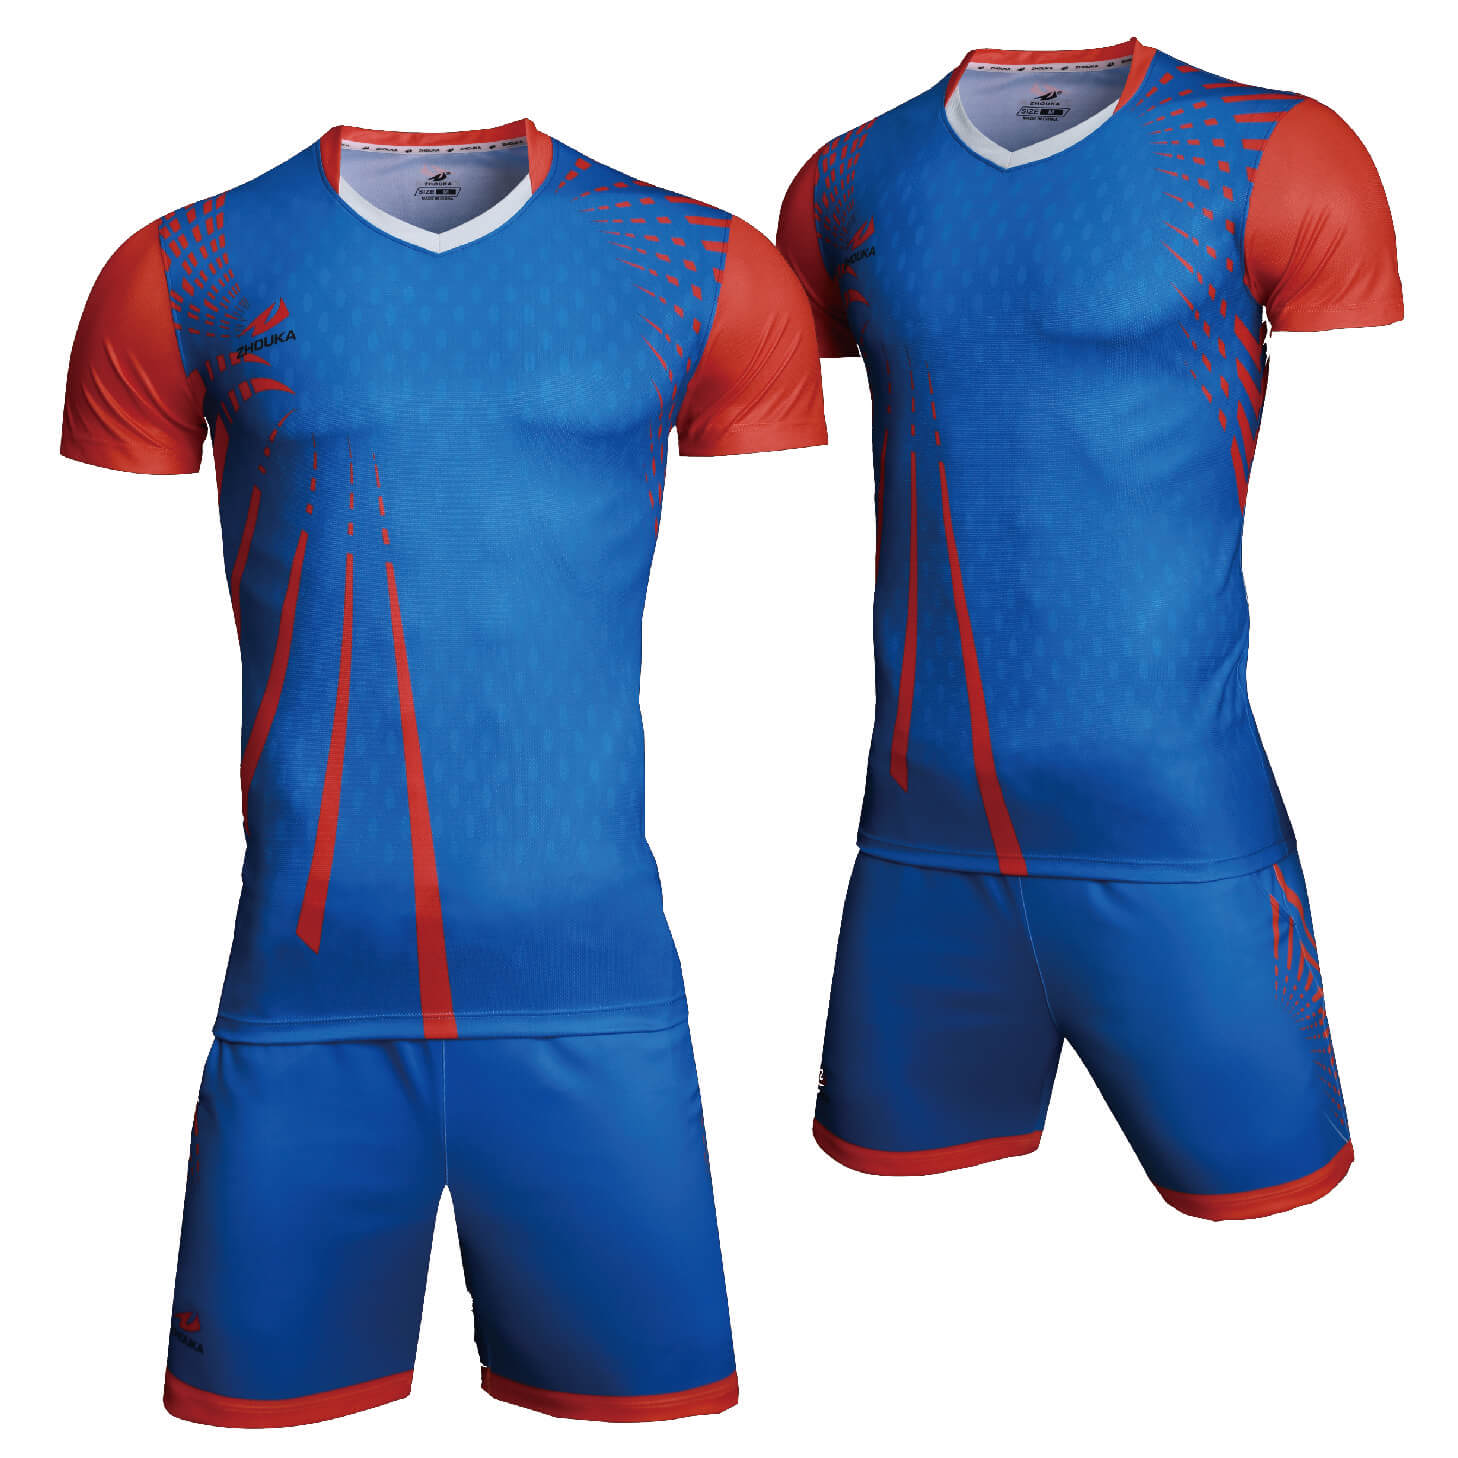 男式运动服男式统一排球球衣免费自定义名称号码排球套装